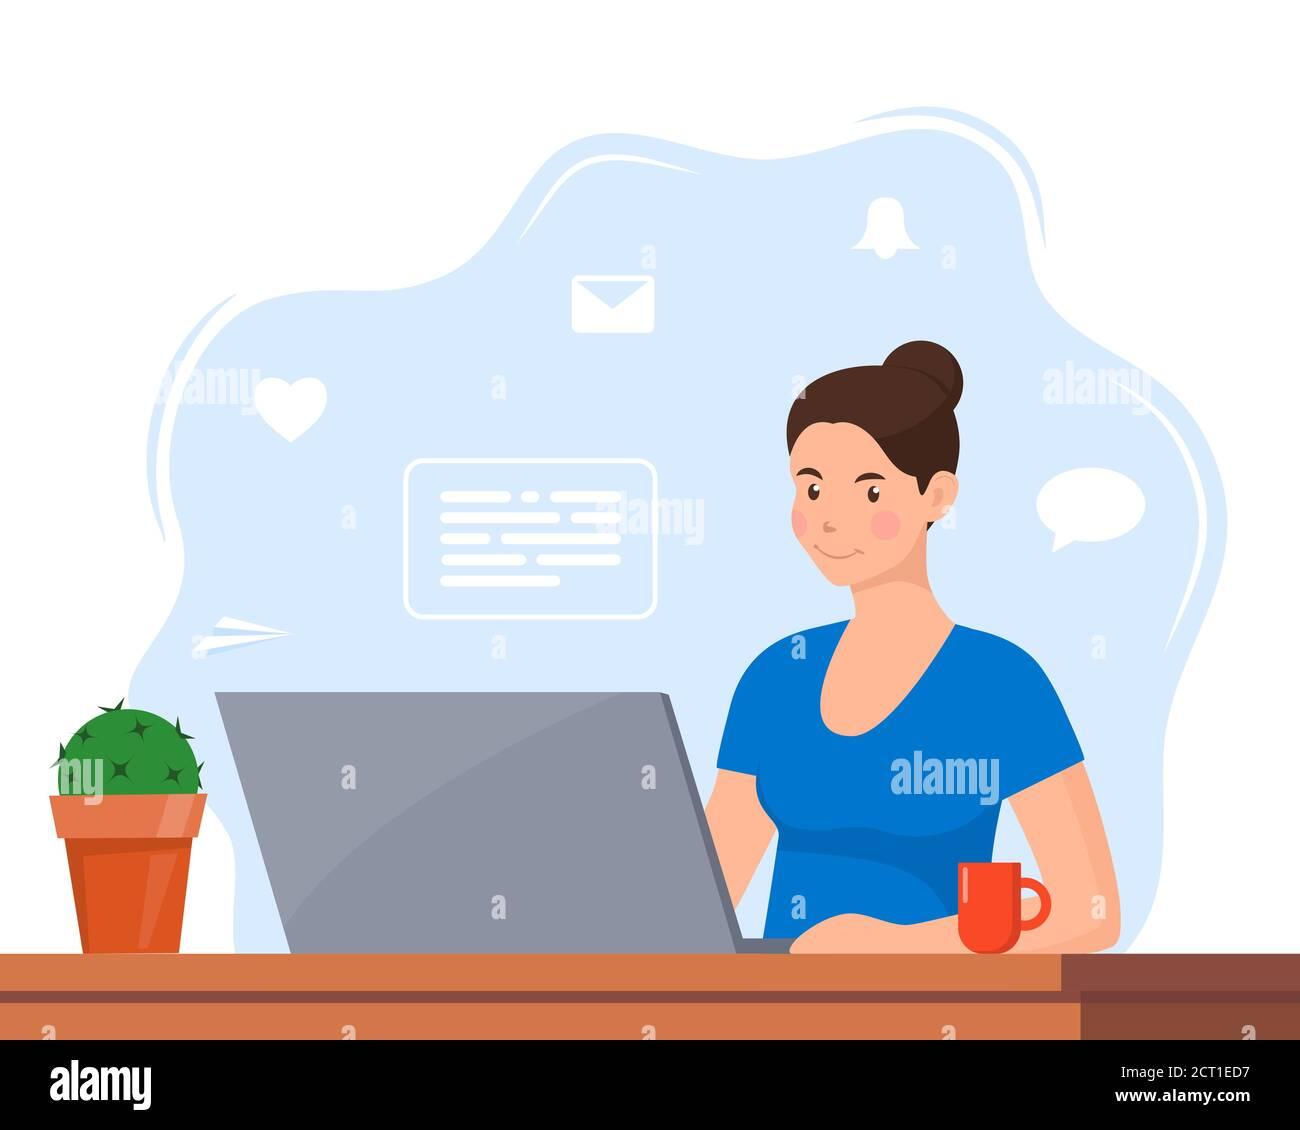 Jeune femme travaillant sur un ordinateur portable au bureau à domicile. Travailleur indépendant au travail, travail à distance. Jeune femme assise à un bureau avec un ordinateur portable et une tasse de café. Style plat Illustration de Vecteur